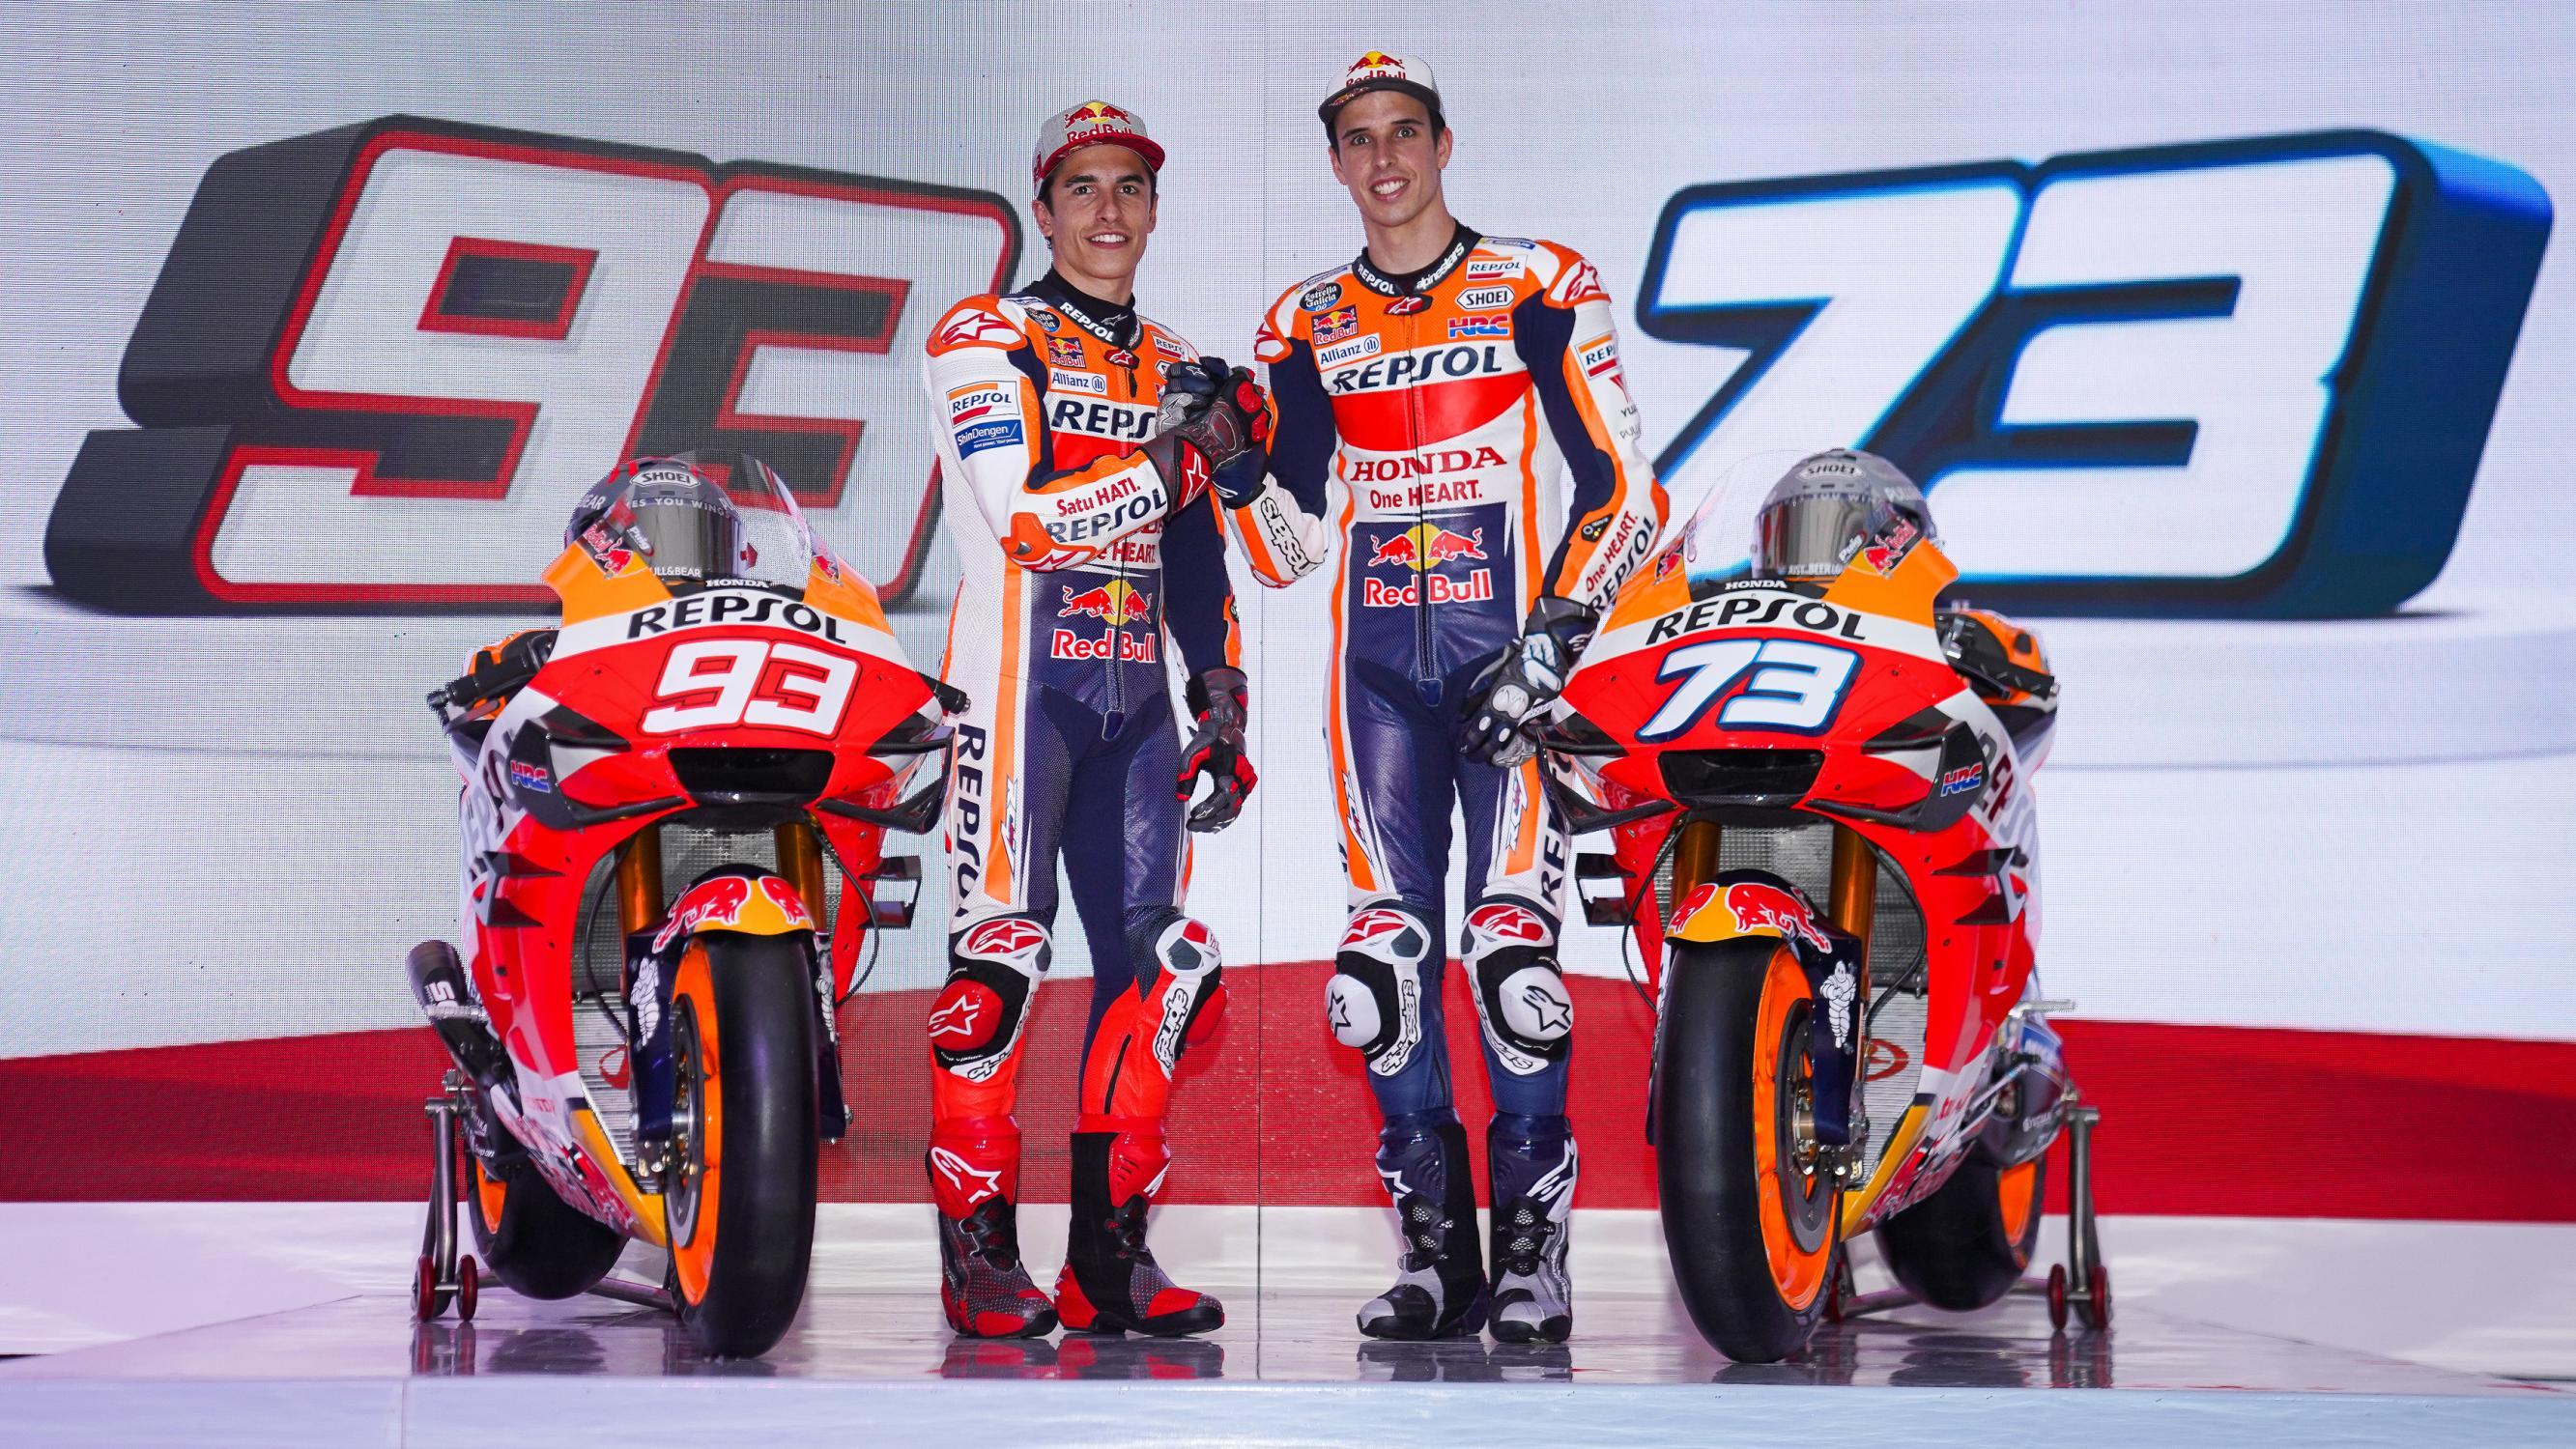 2020 Honda Motogp Here S The New Bike Drivemag Riders